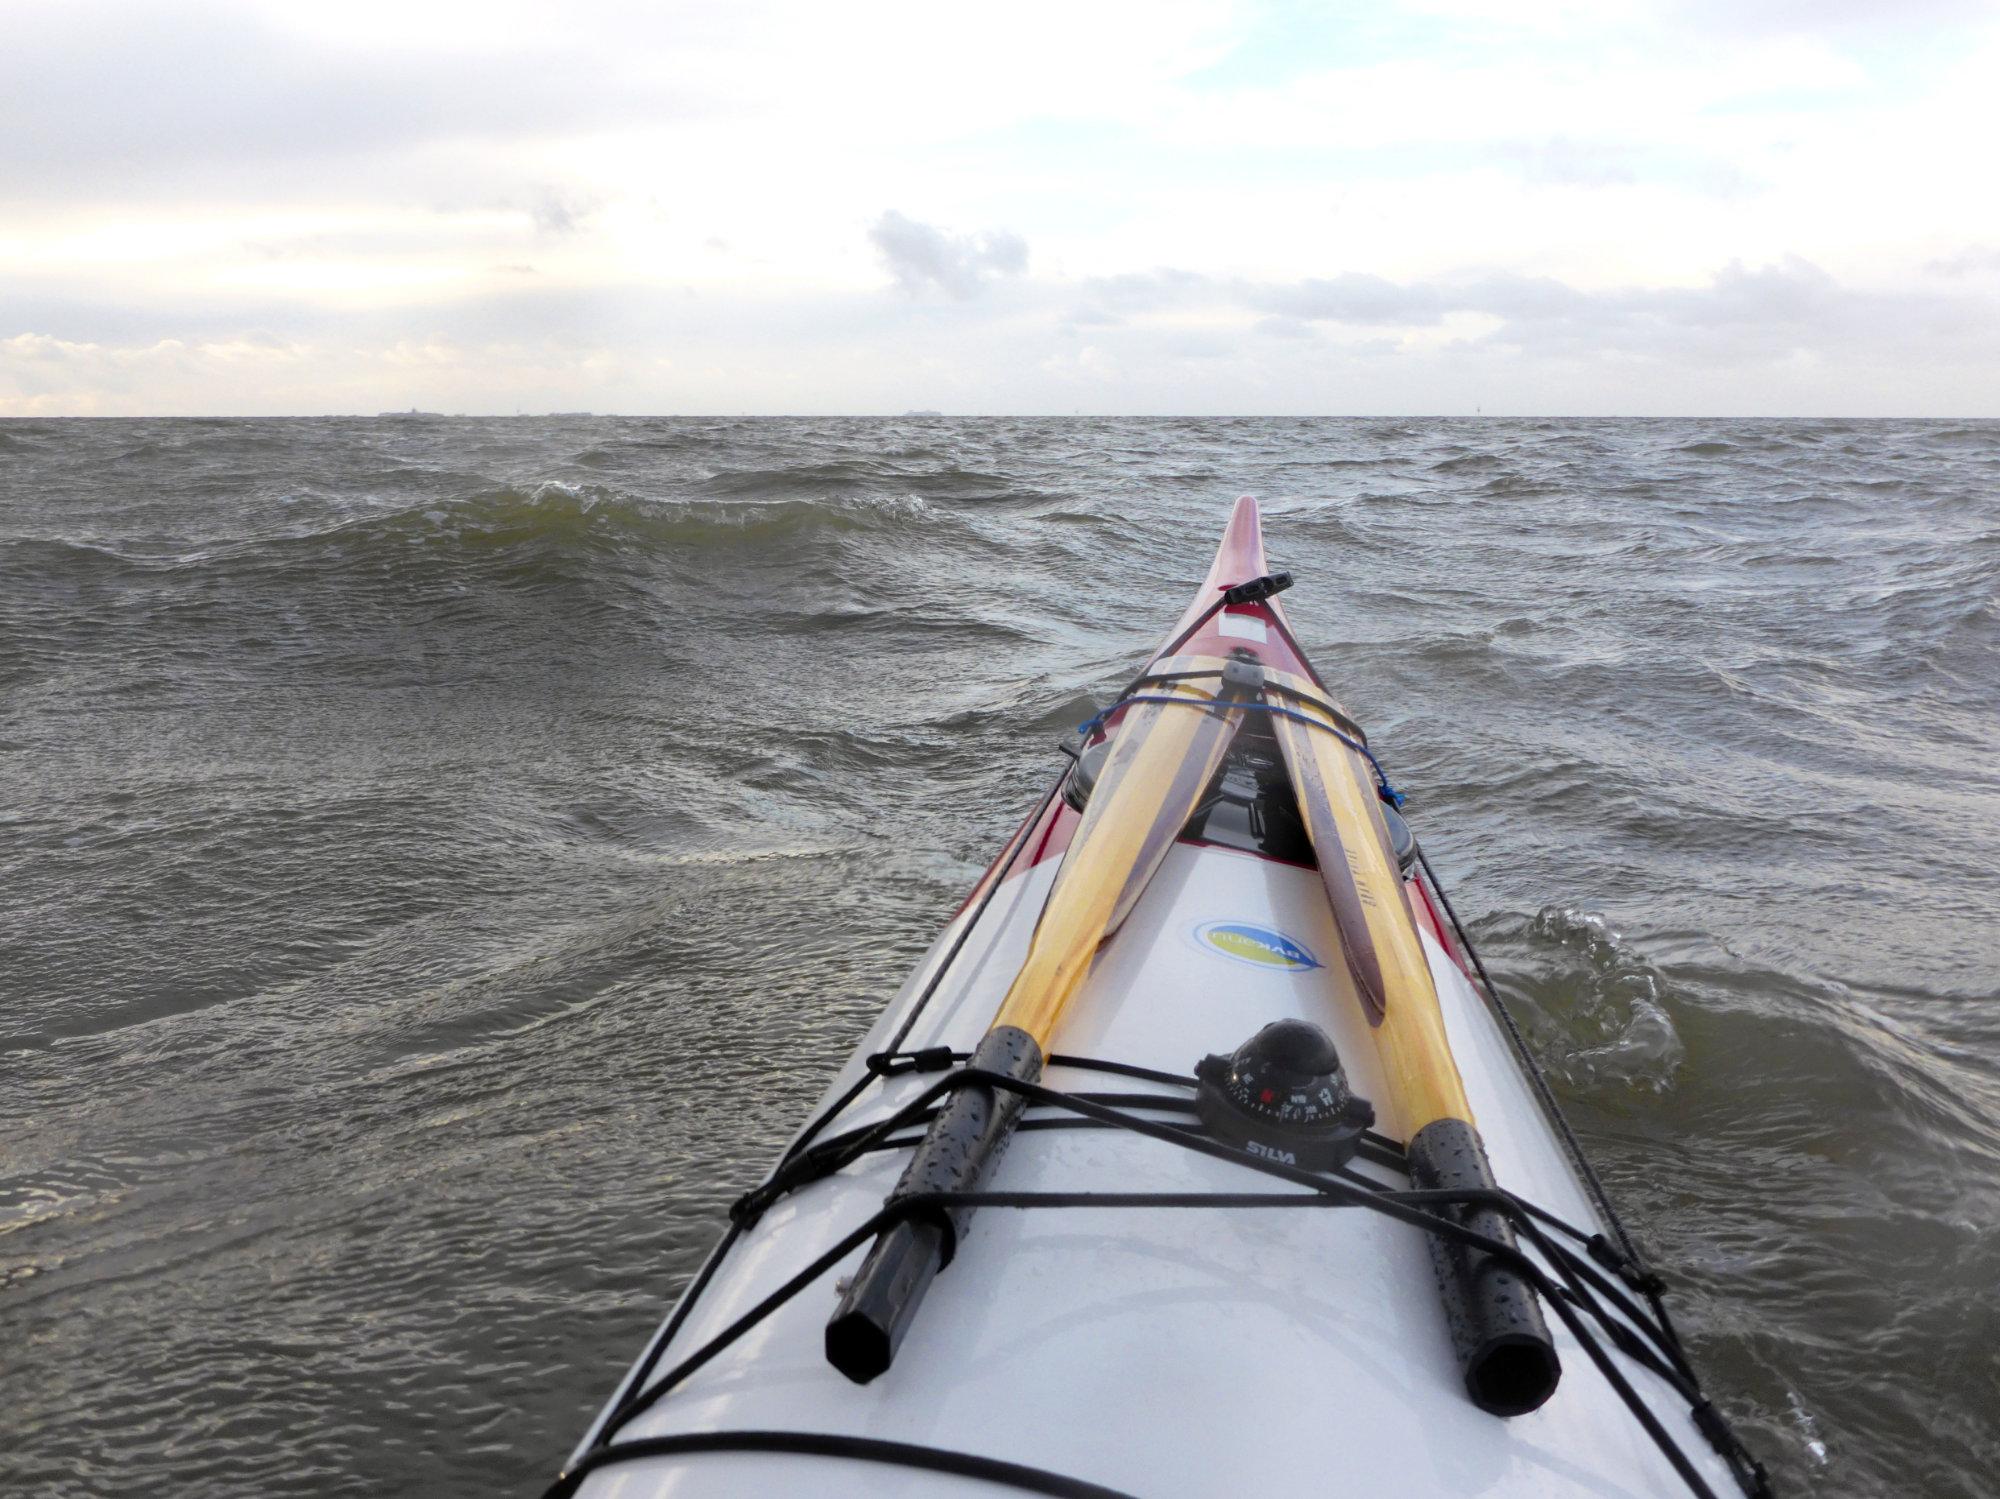 Der hochgezogene Bug gleitet stabil über jede Welle, die runde Rumpfform sorgt für zusätzliche Stabilität.